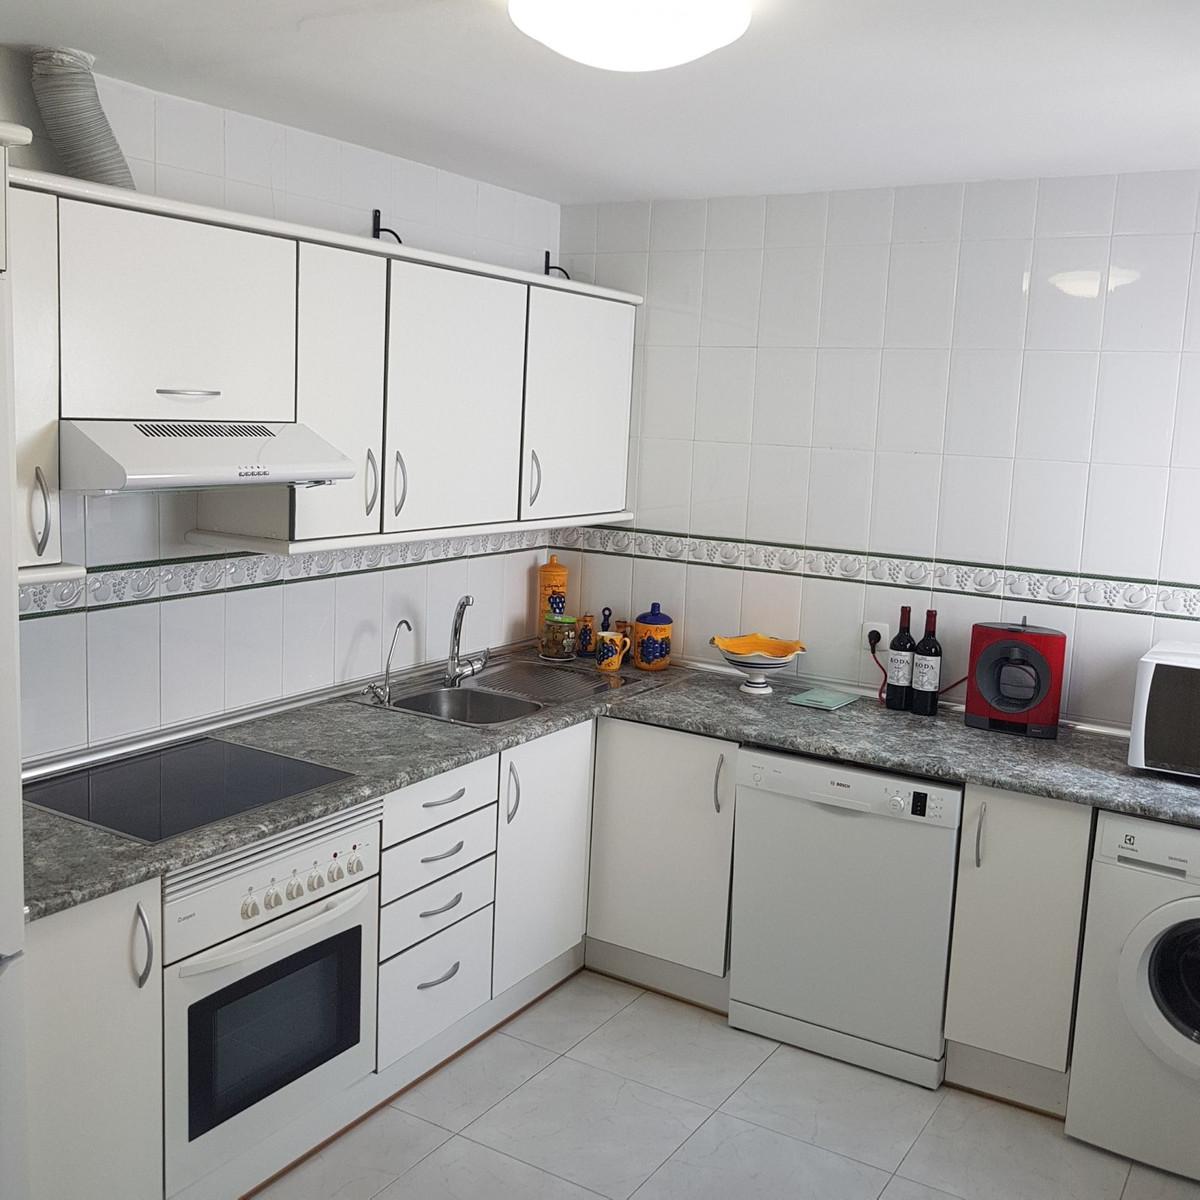 3 Bedroom Apartment for sale Las Brisas